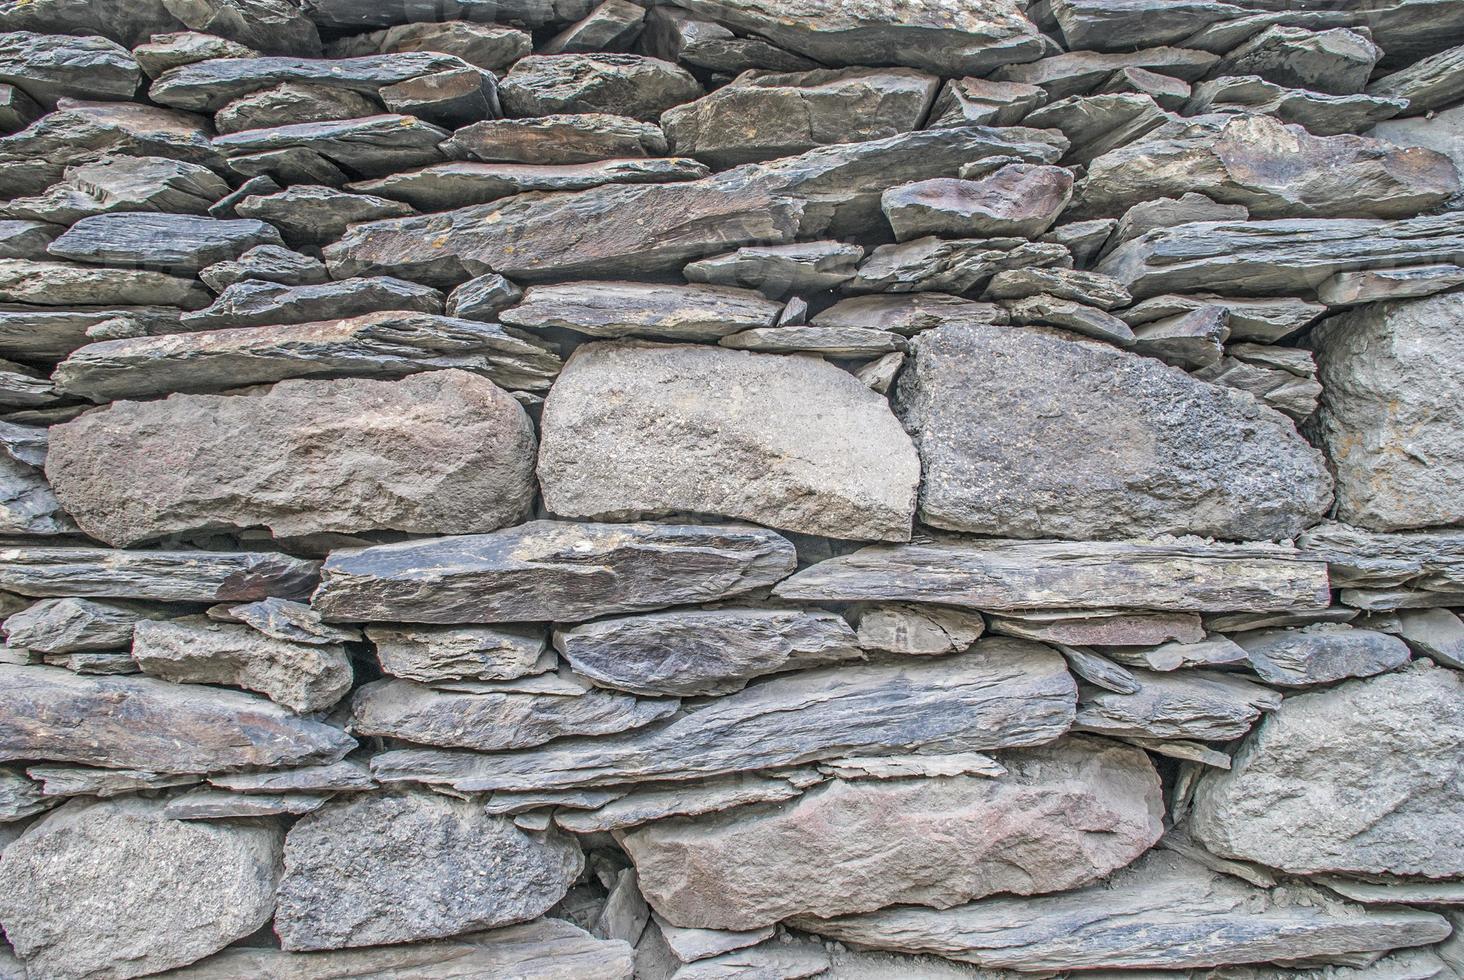 achtergrond. muur samengesteld uit stenen foto